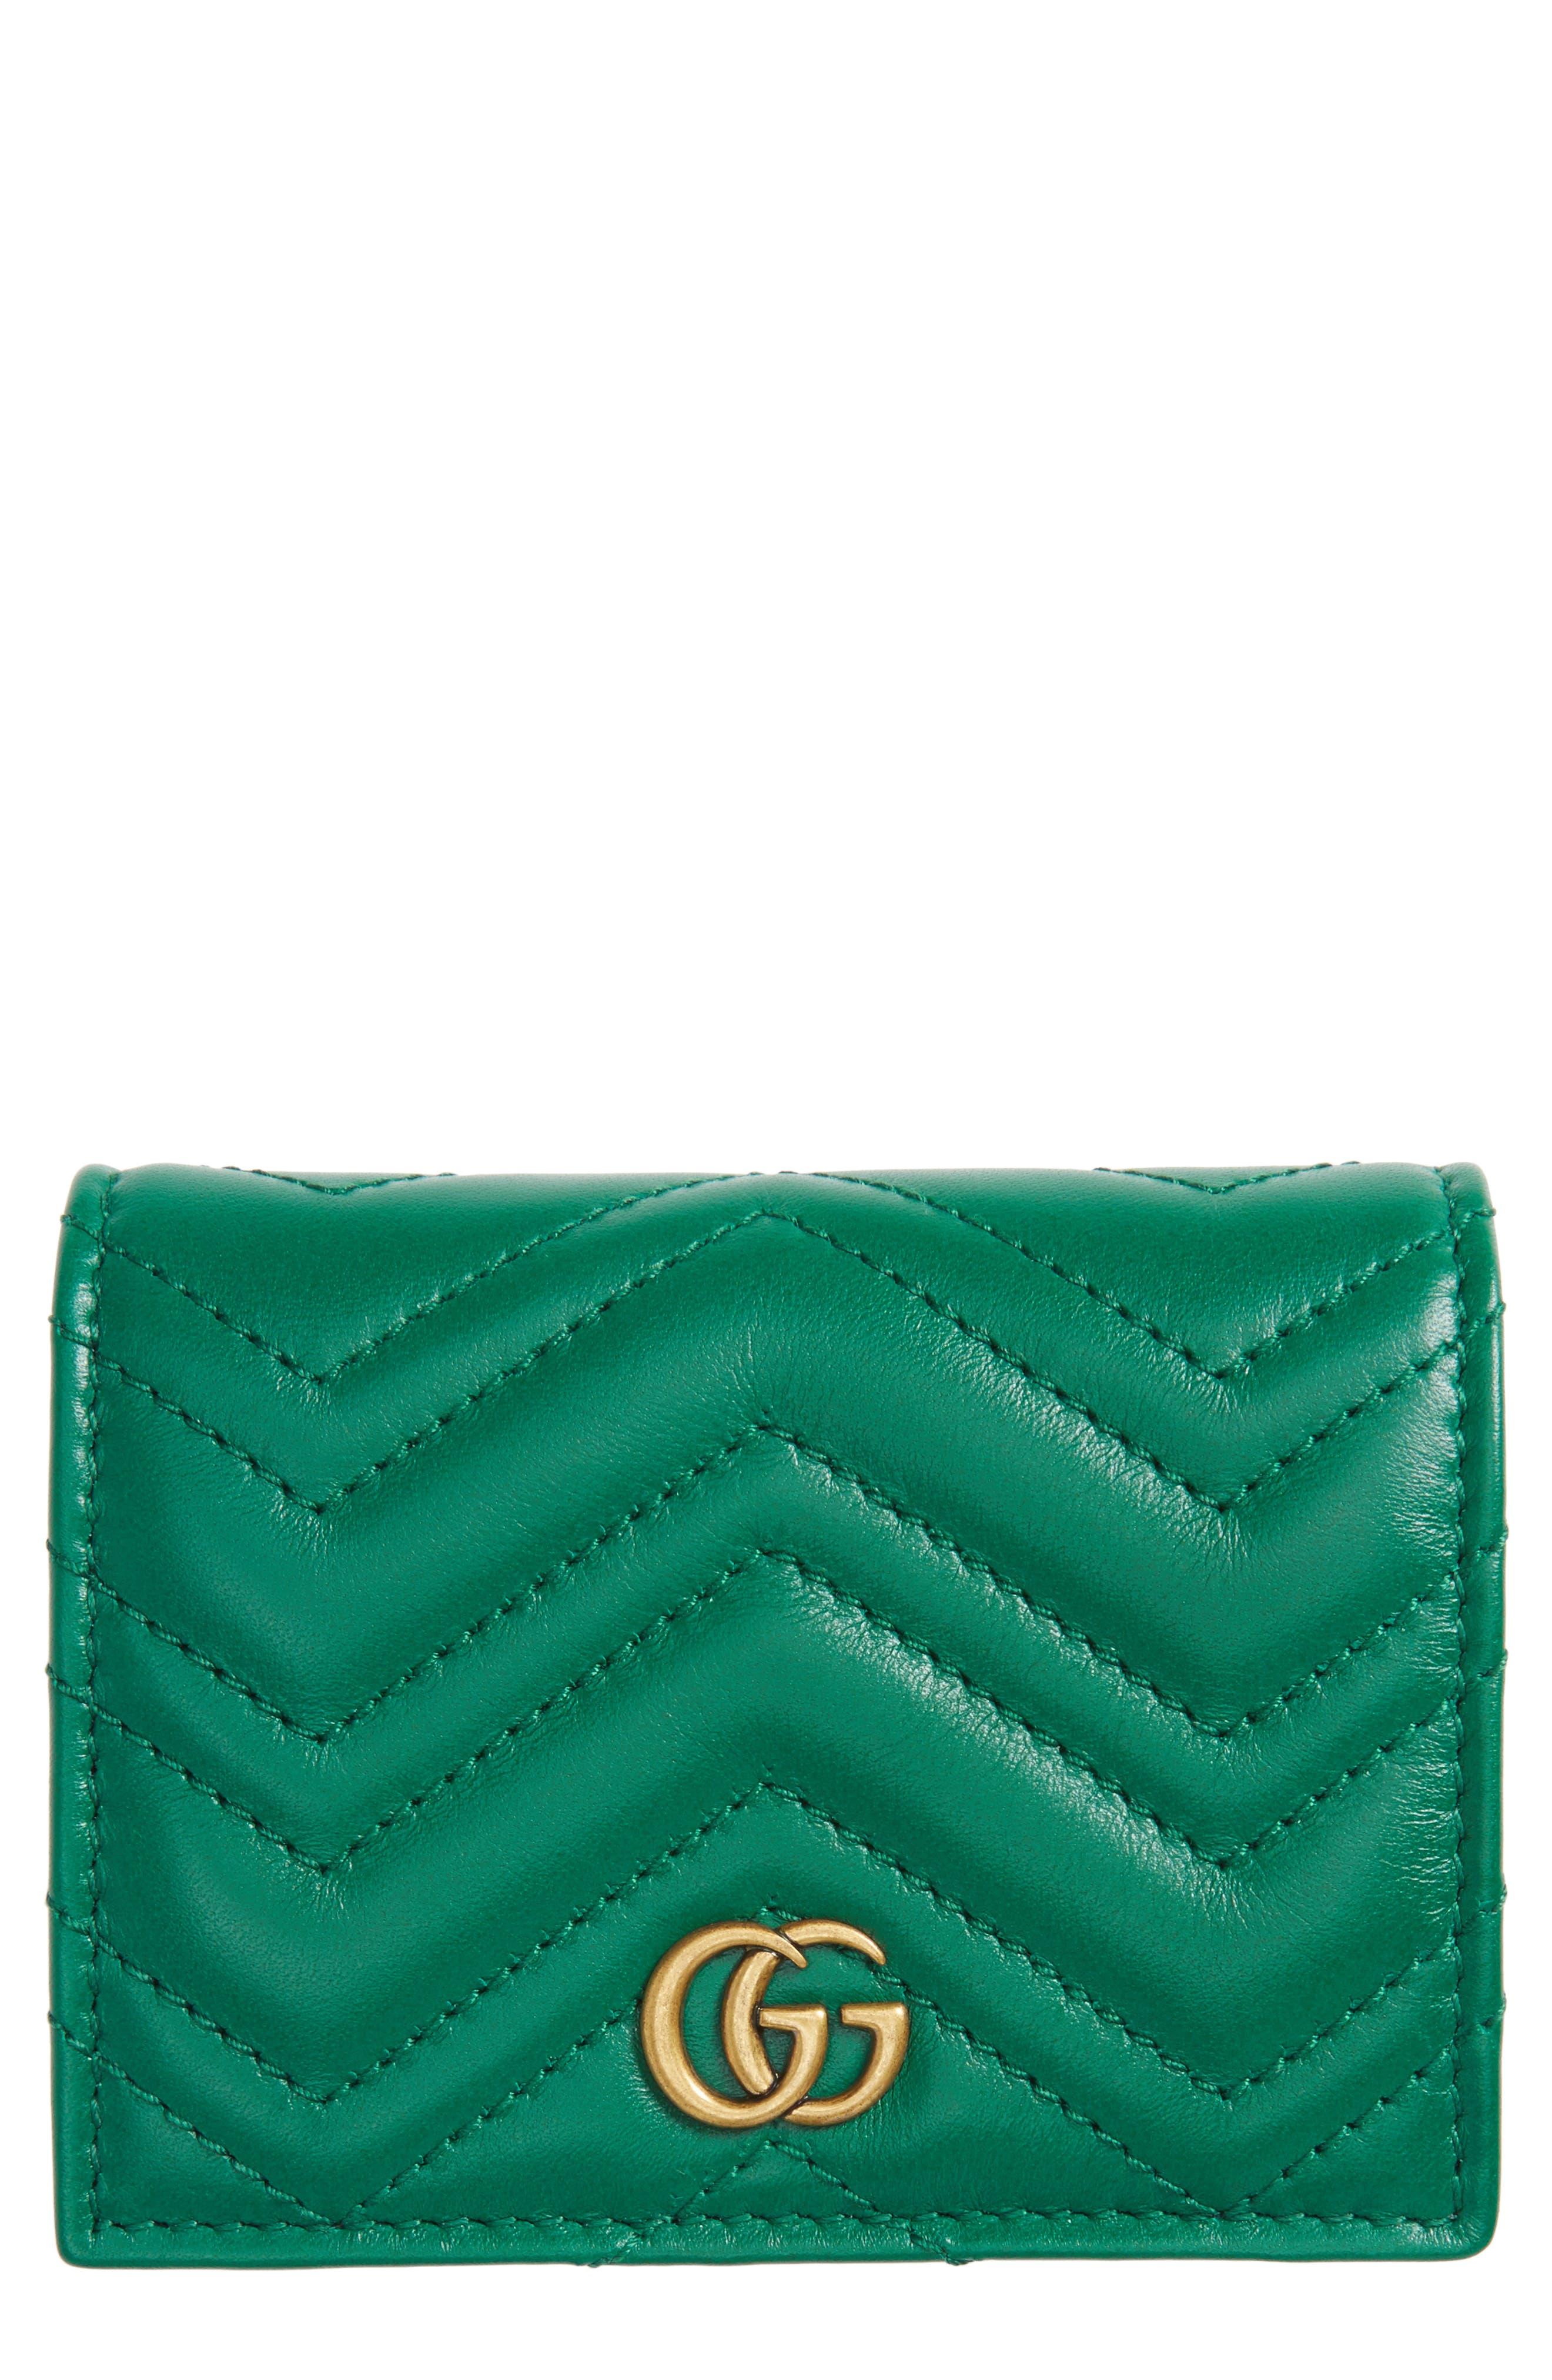 Main Image - Gucci GG Marmont Matelassé Leather Card Case